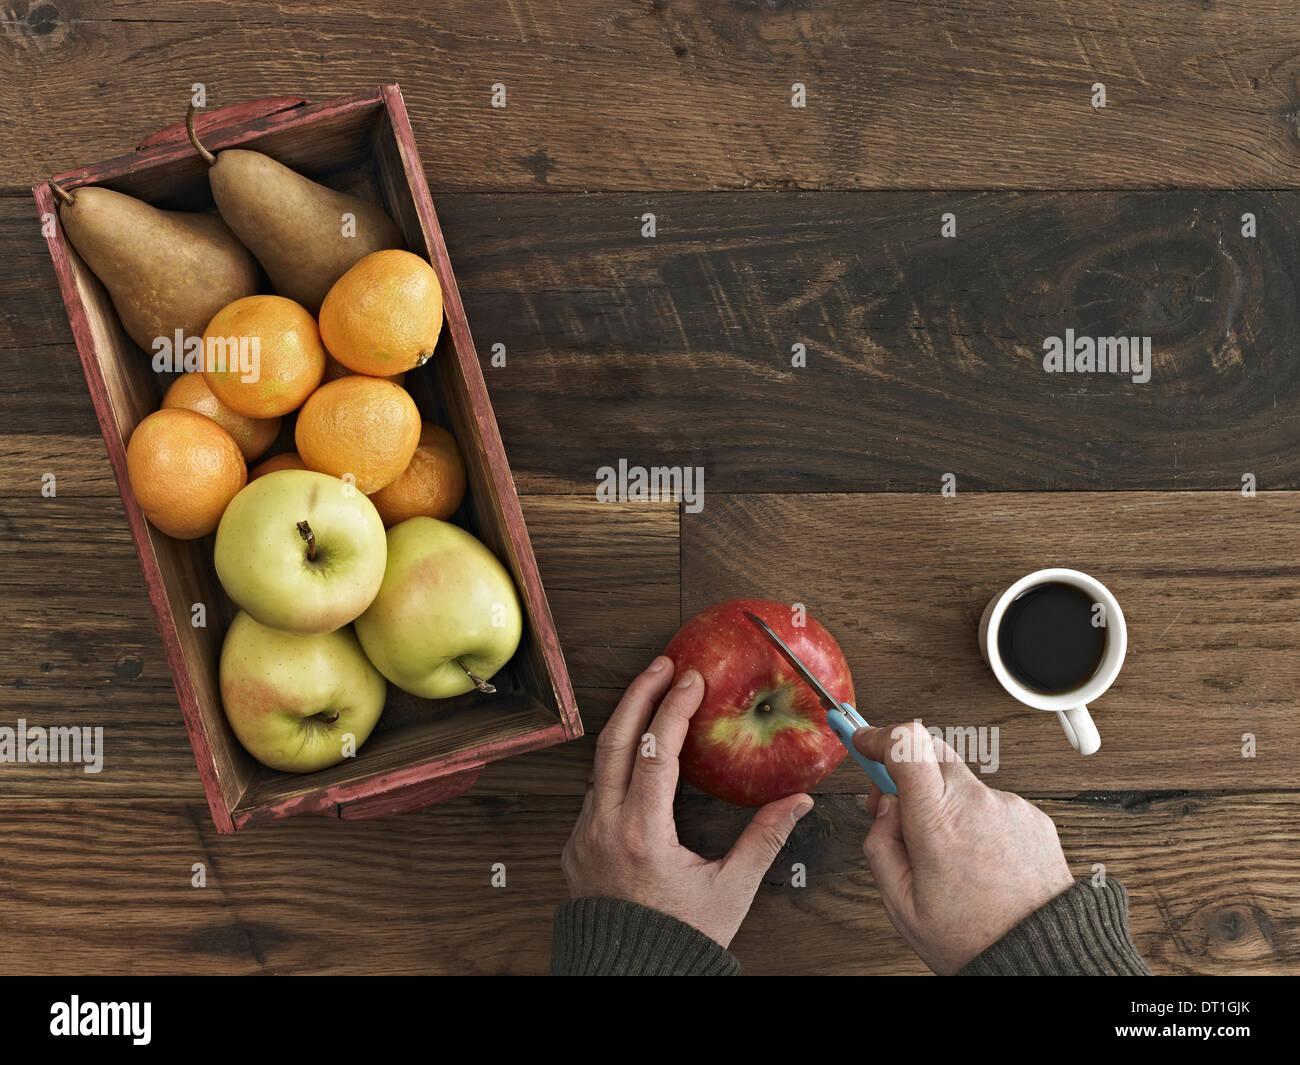 Une table en bois haut de gamme d'un bois fort de fruits frais les poires et les oranges une personne coupant une pomme Banque D'Images